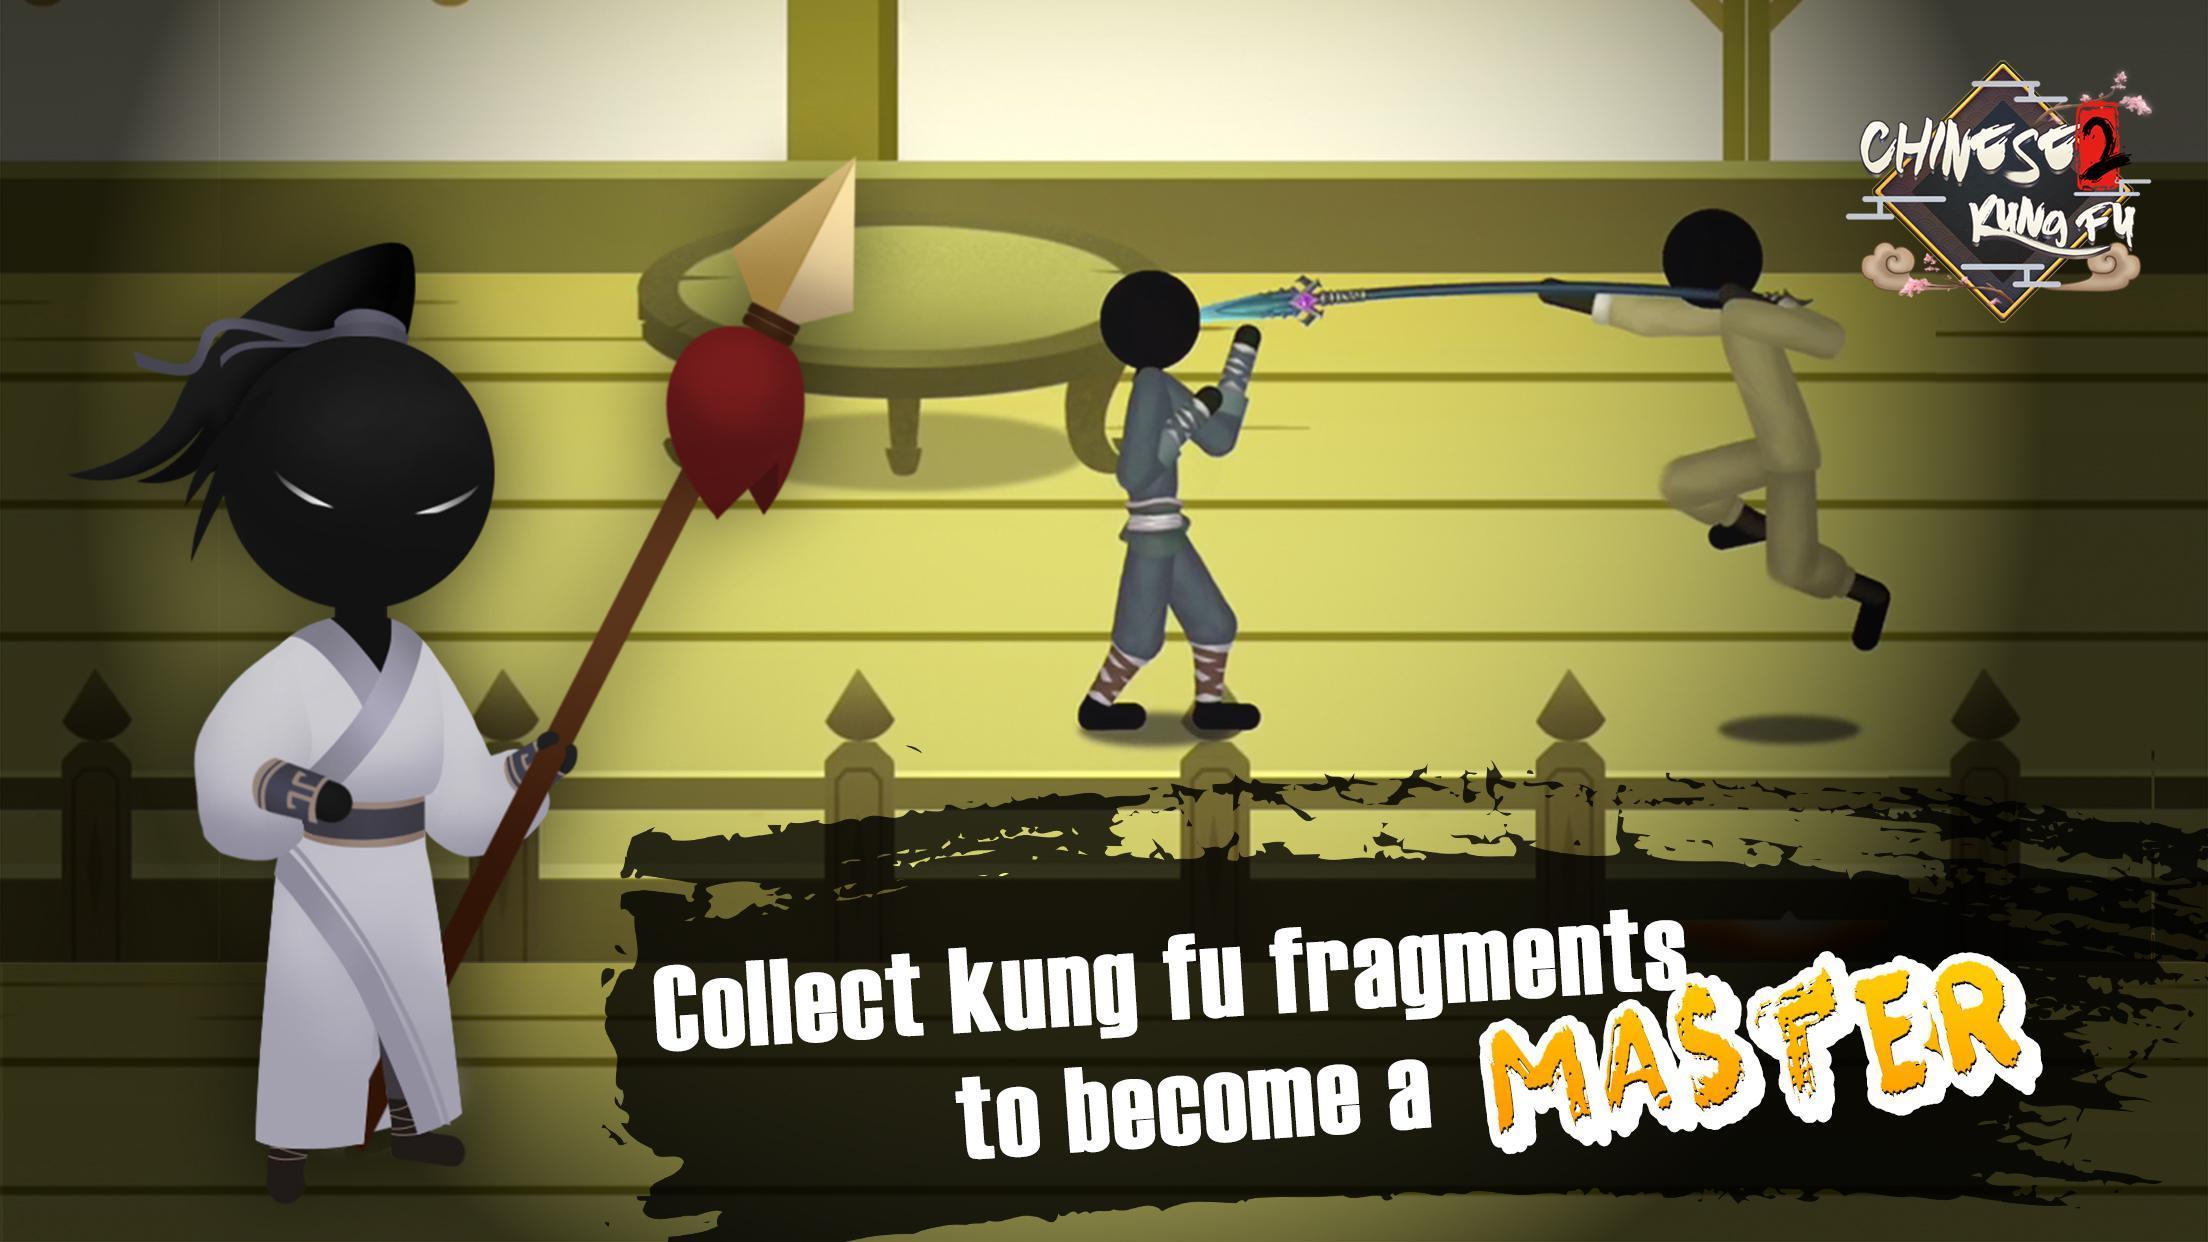 Chinese Kungfu 3.2.1 Screenshot 5